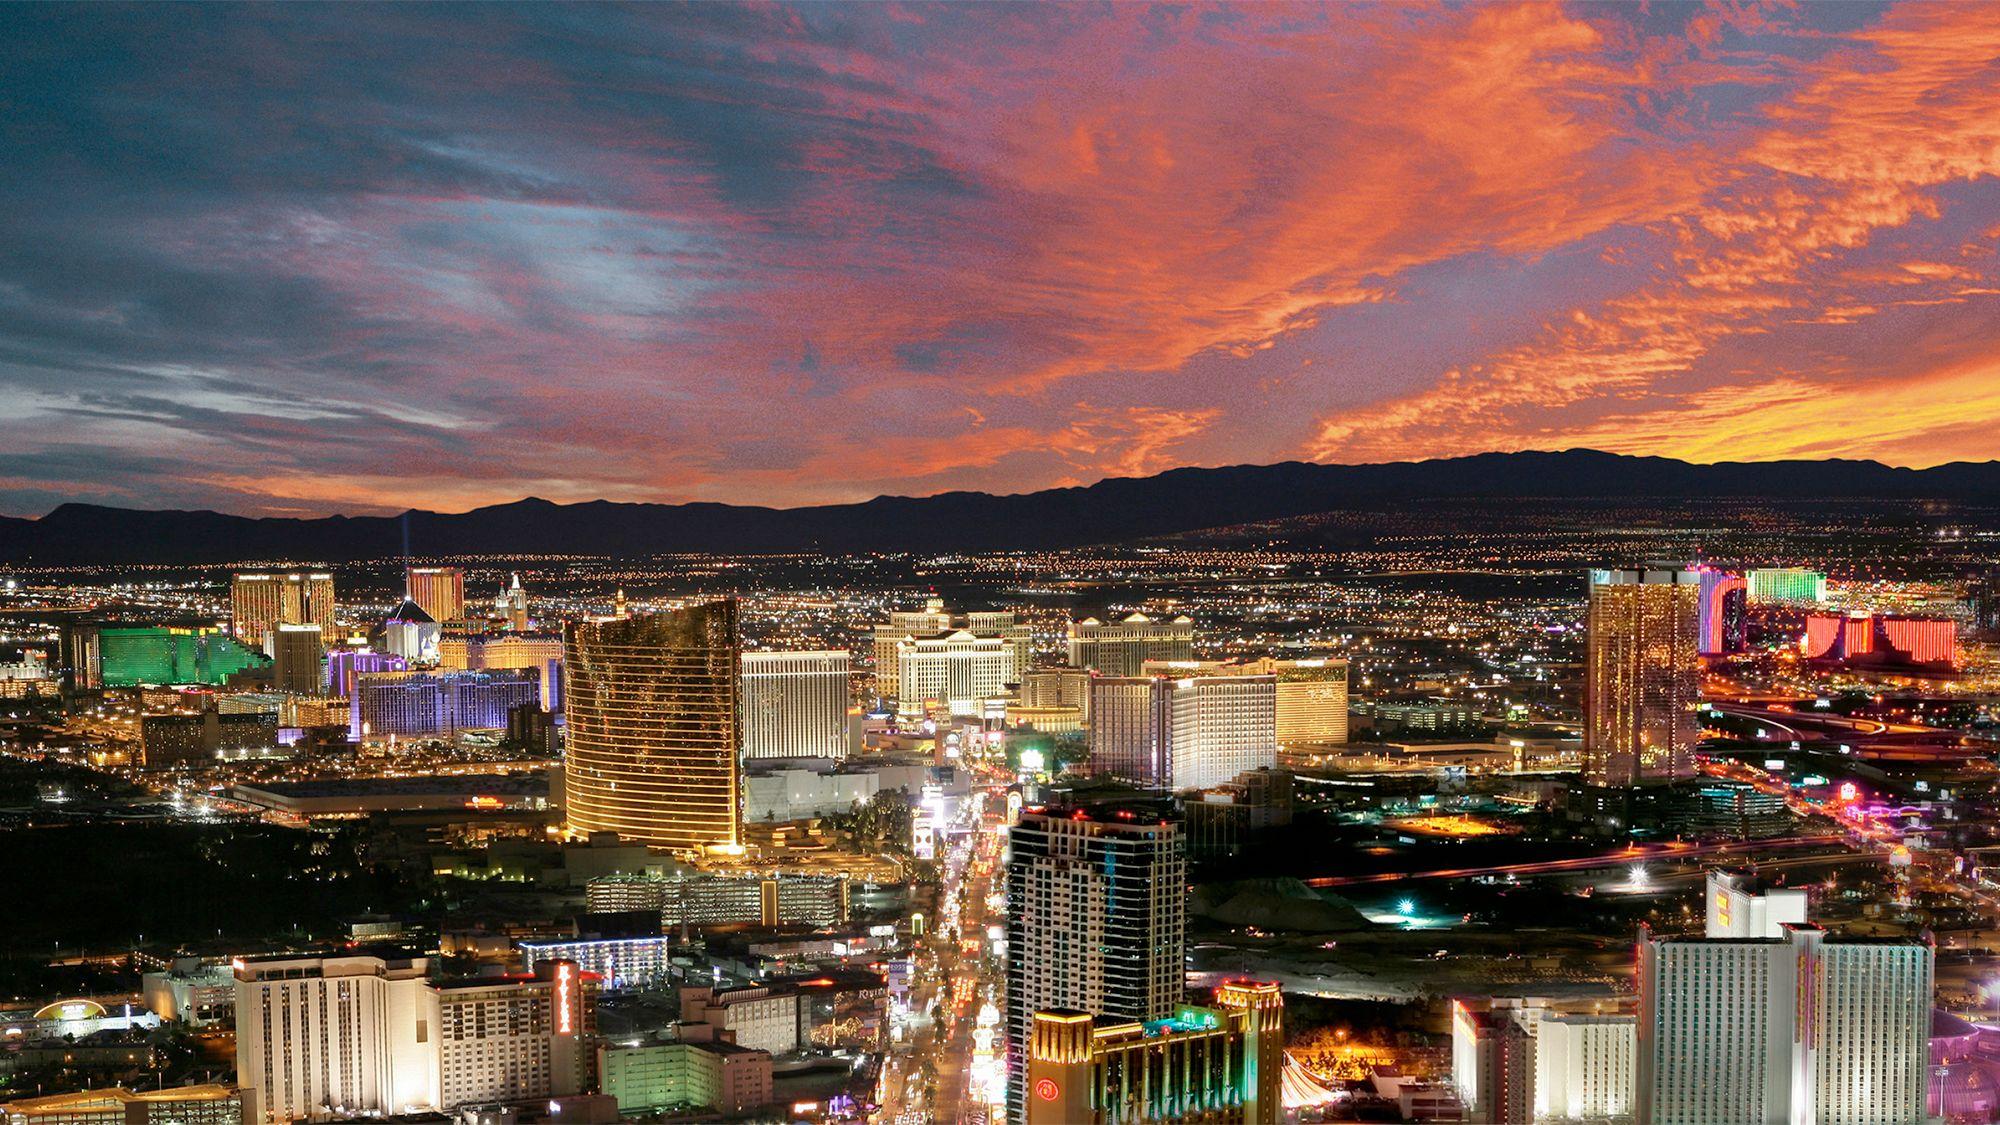 View of Las Vegas at night